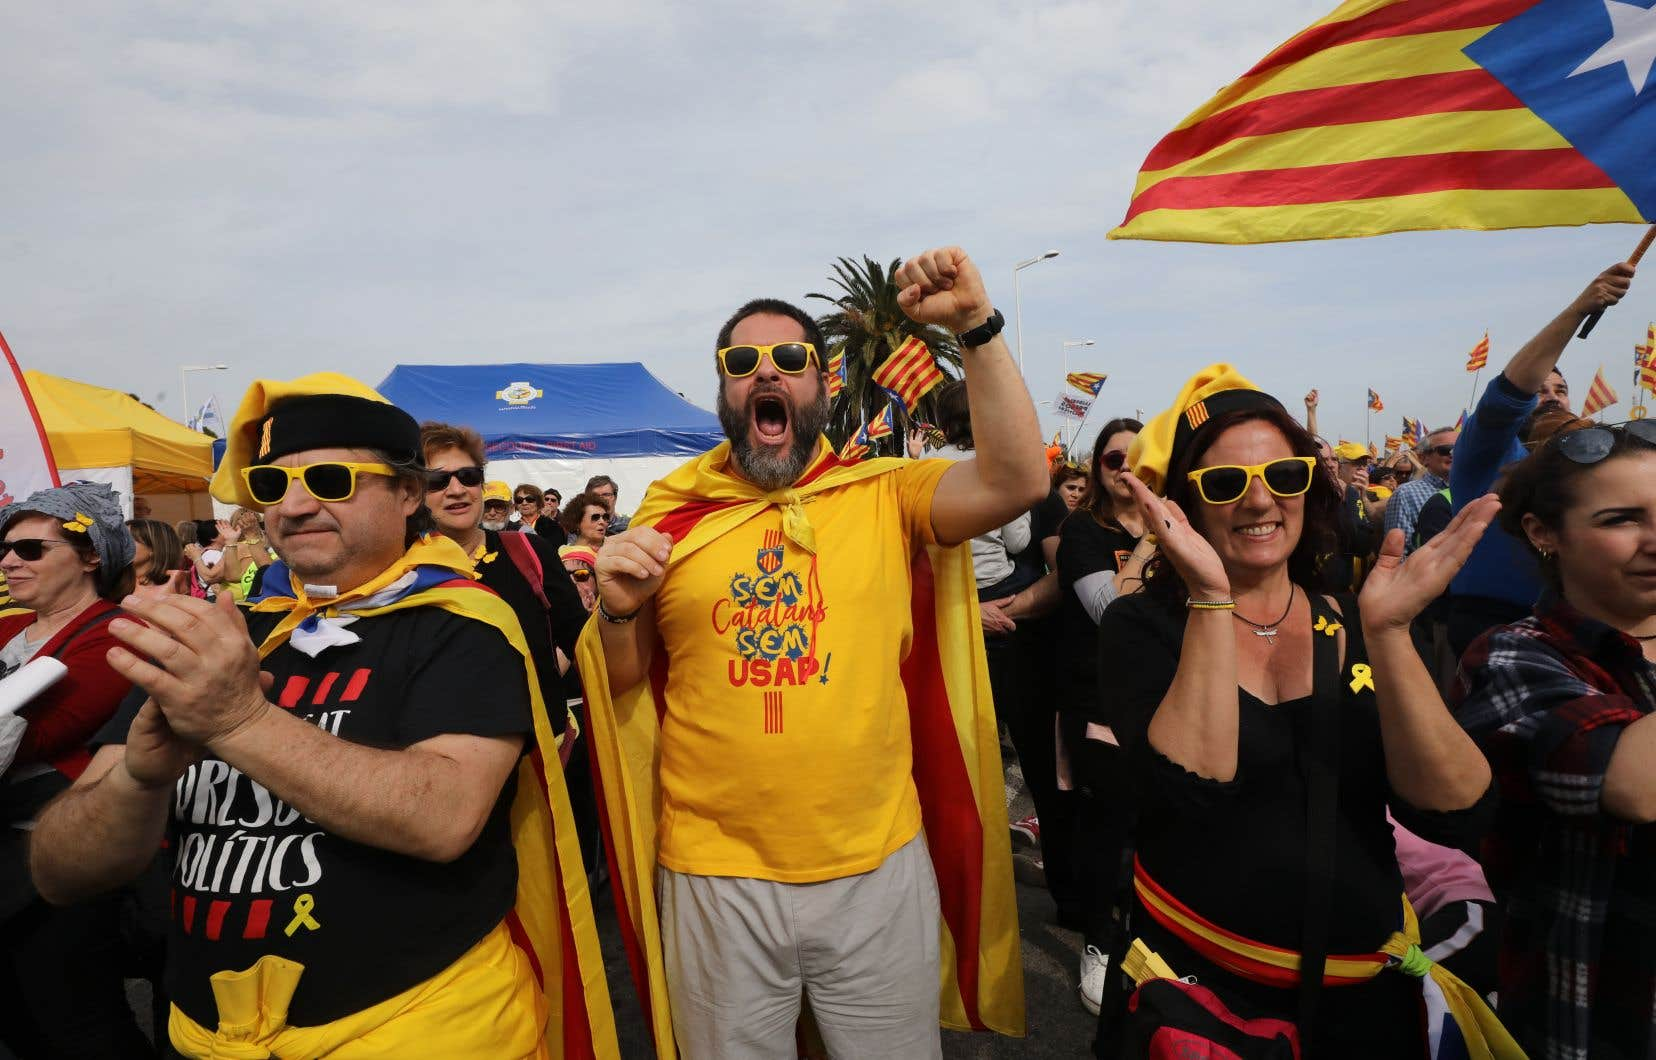 Selon la préfecture du département des Pyrénées-Orientales, 100000 personnes participaient à cette réunion tandis que les organisateurs ont donné le chiffre de 150000.